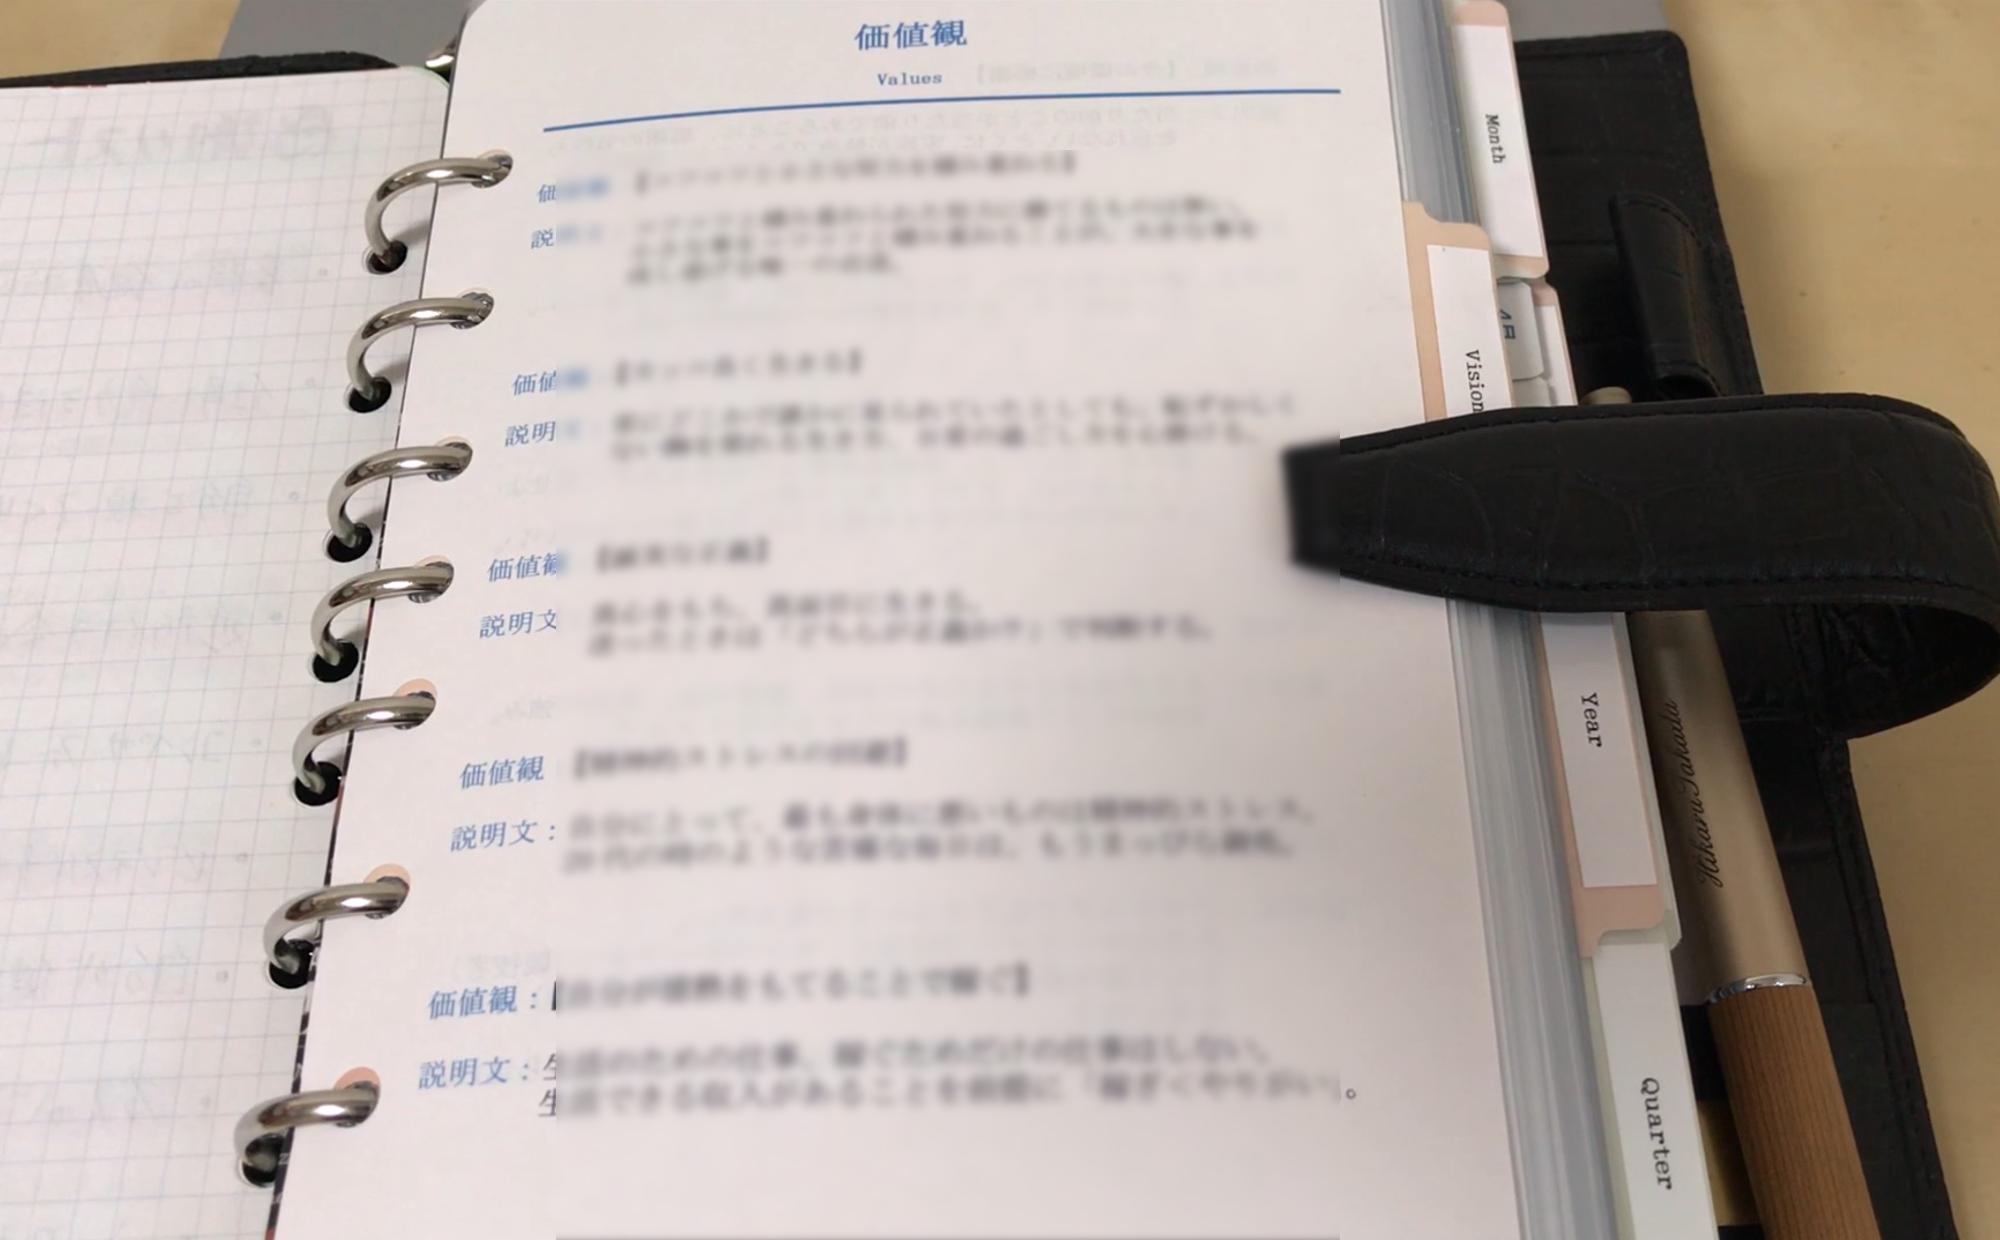 【会員限定動画】高田の手帳の中身「価値観リフィル」の解説